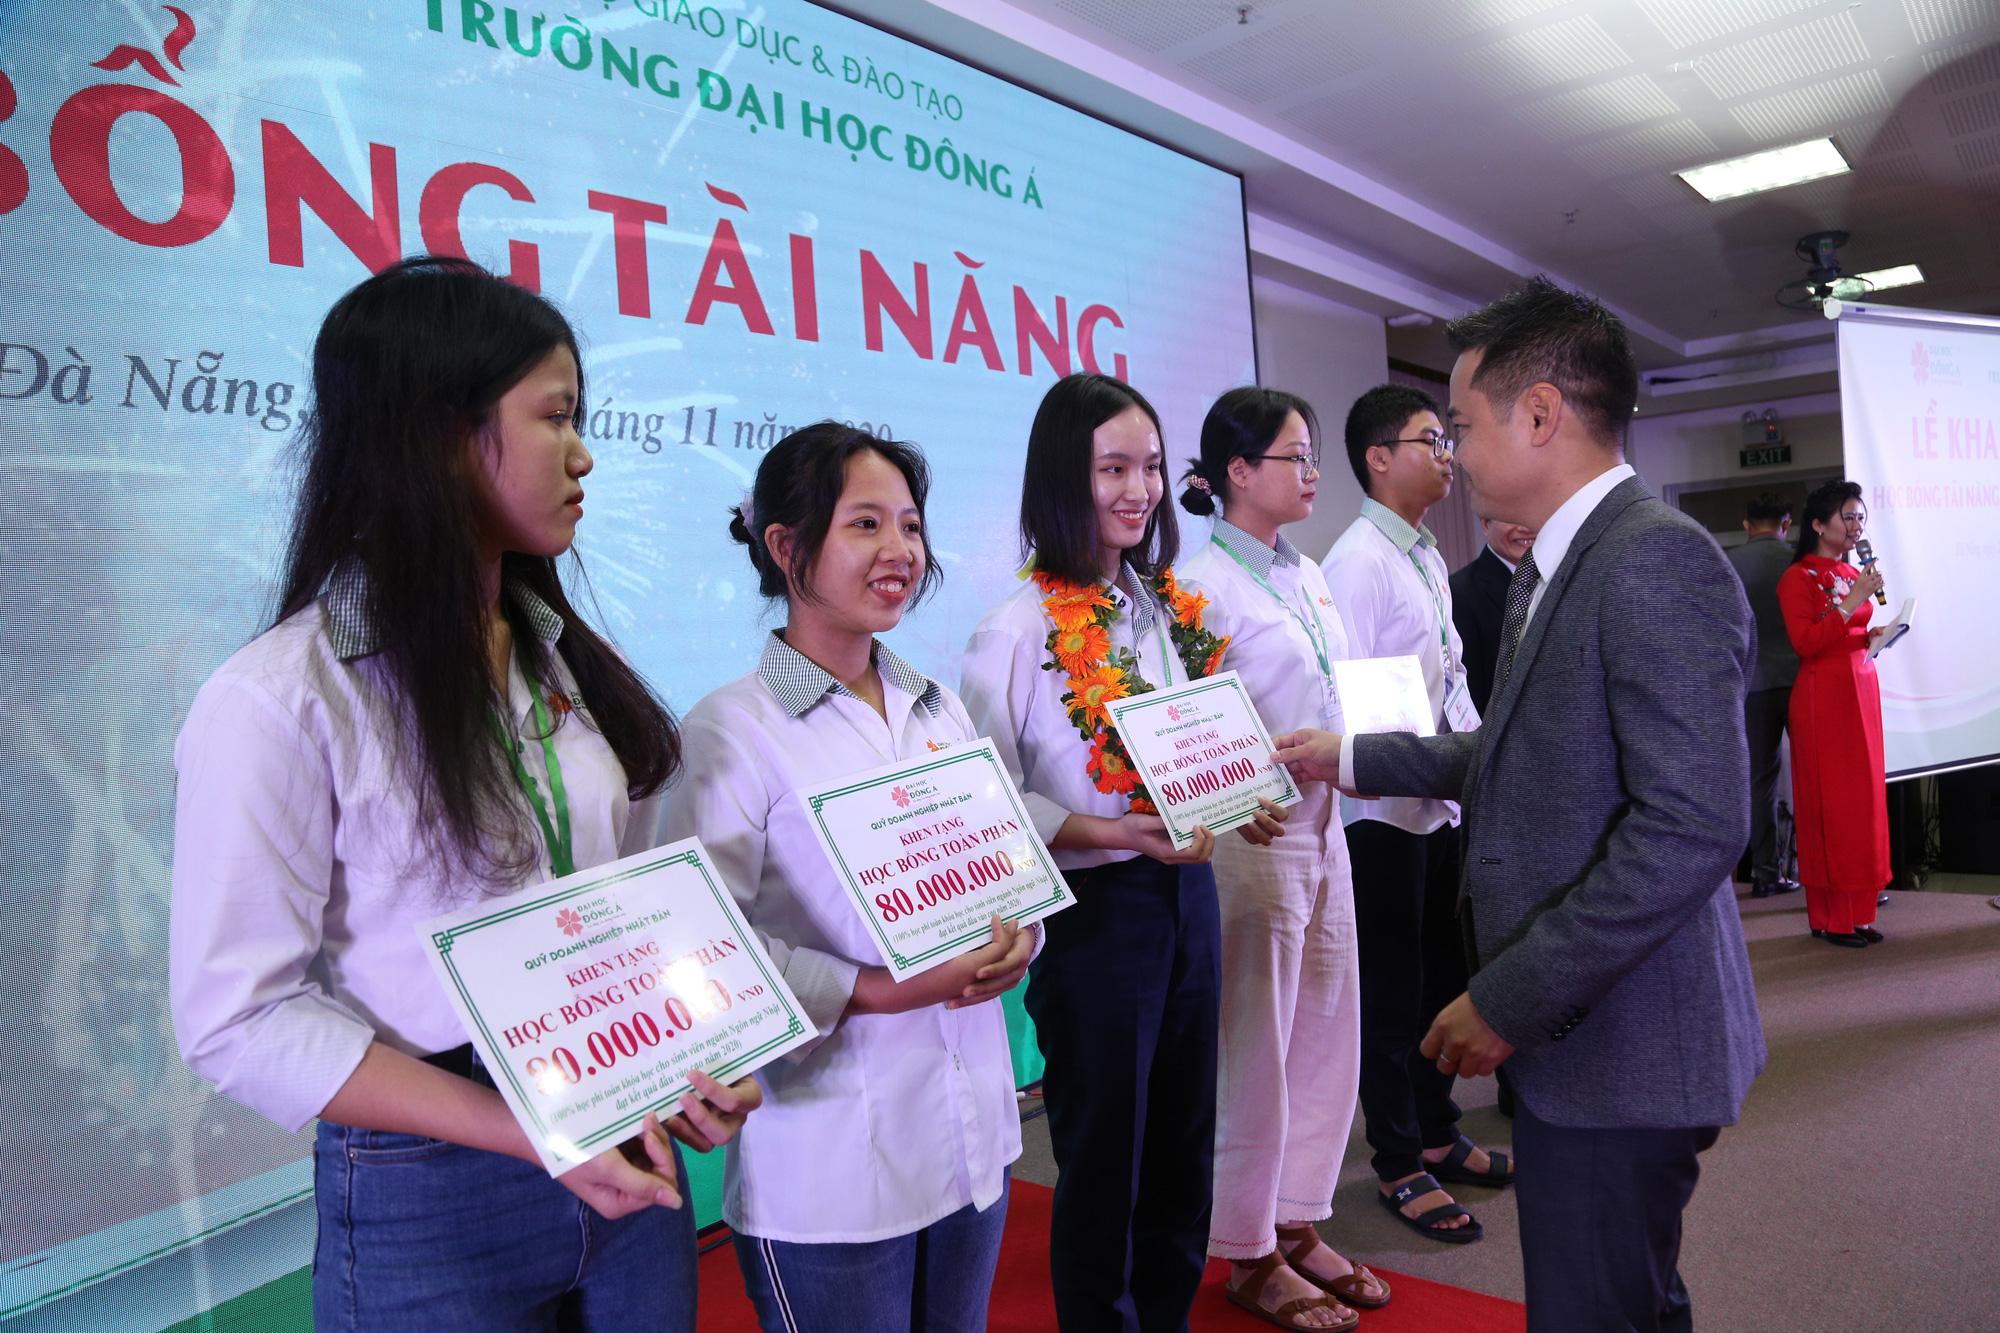 Trường Đại học Đông Á: 3 phương thức xét tuyển ở 33 ngành đào tạo - Ảnh 2.